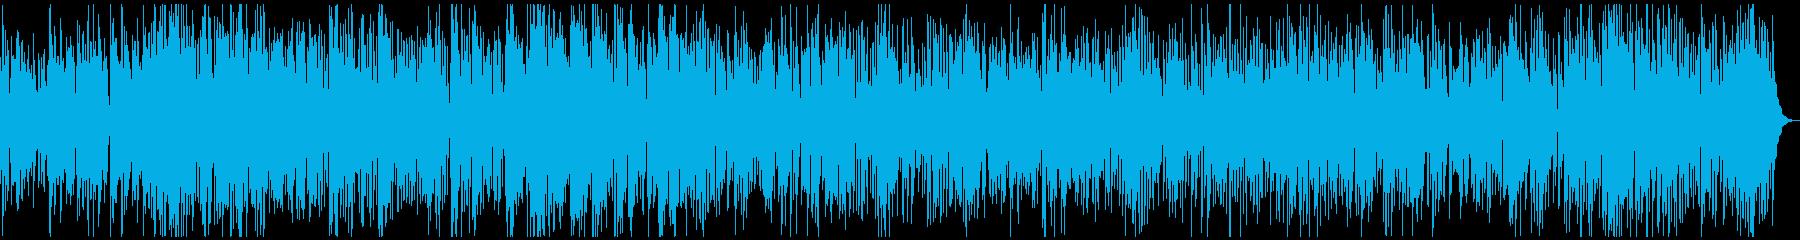 生音・生演奏・大人の雰囲気ゆったりジャズの再生済みの波形